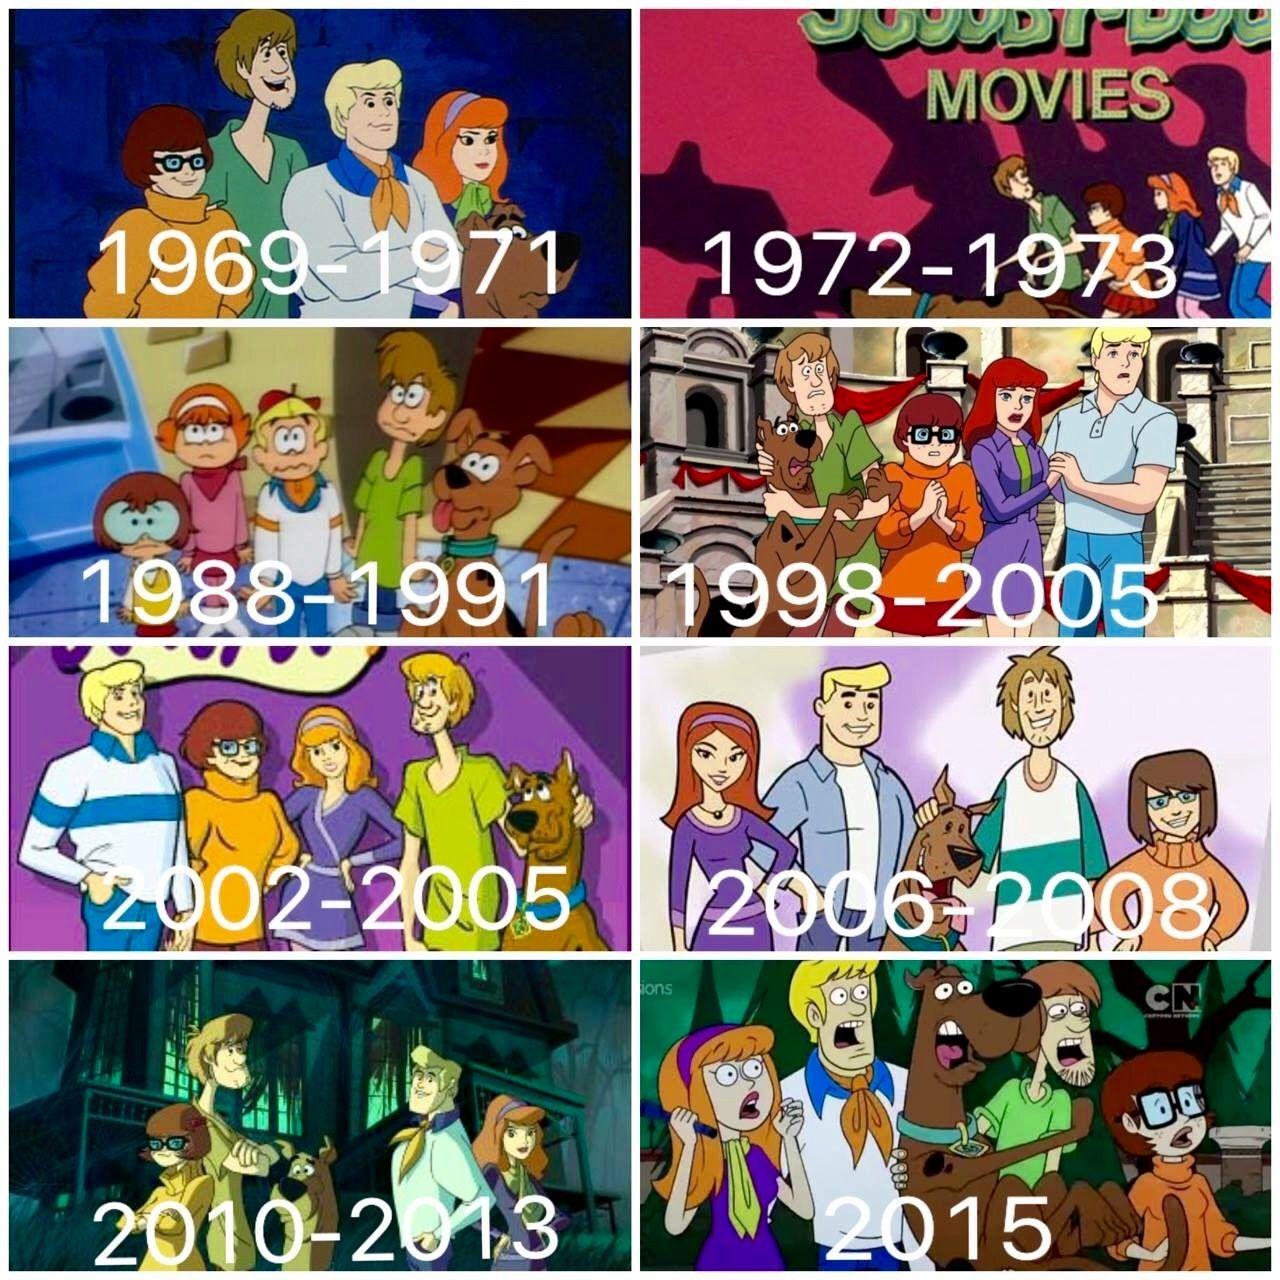 Para Mi Los Primeros Y De La Mitad Son Los Mejores Imagenes De Scooby Doo Caricaturas Viejas Scooby Doo